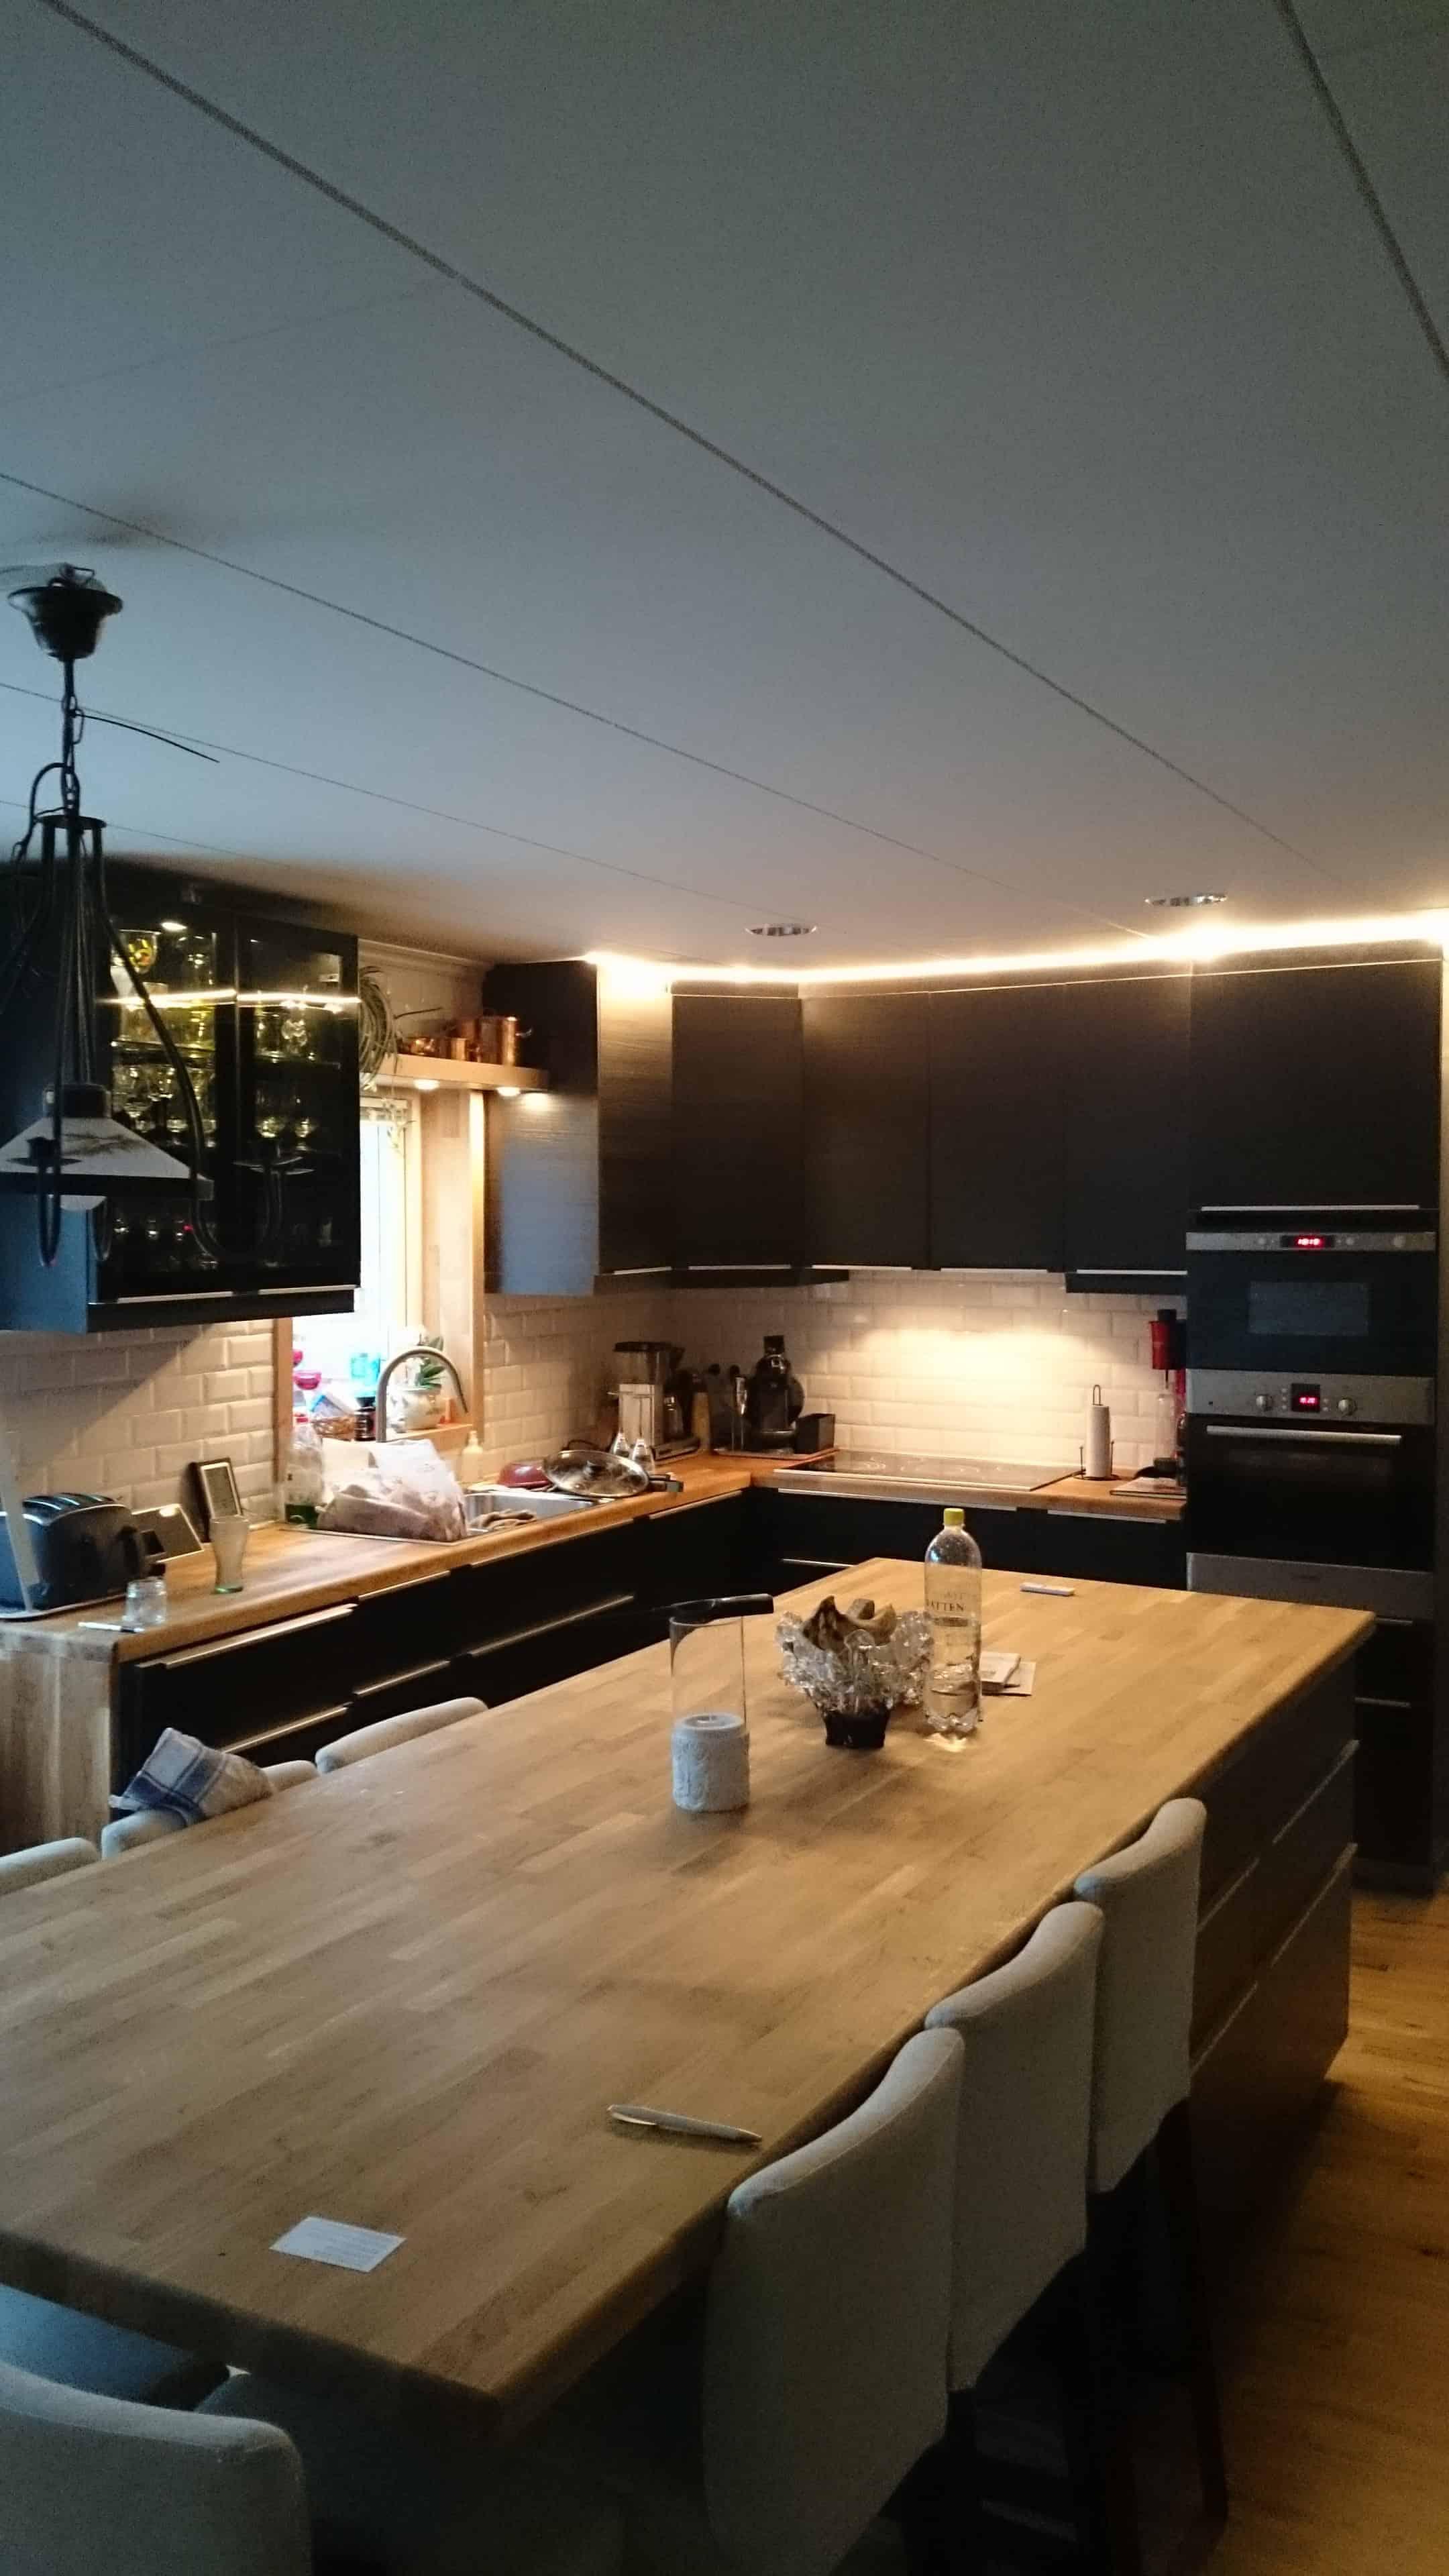 """Referensjobb """"Köks renovering """" utfört av Aspviksbygg Entreprenad Handelsbolag"""